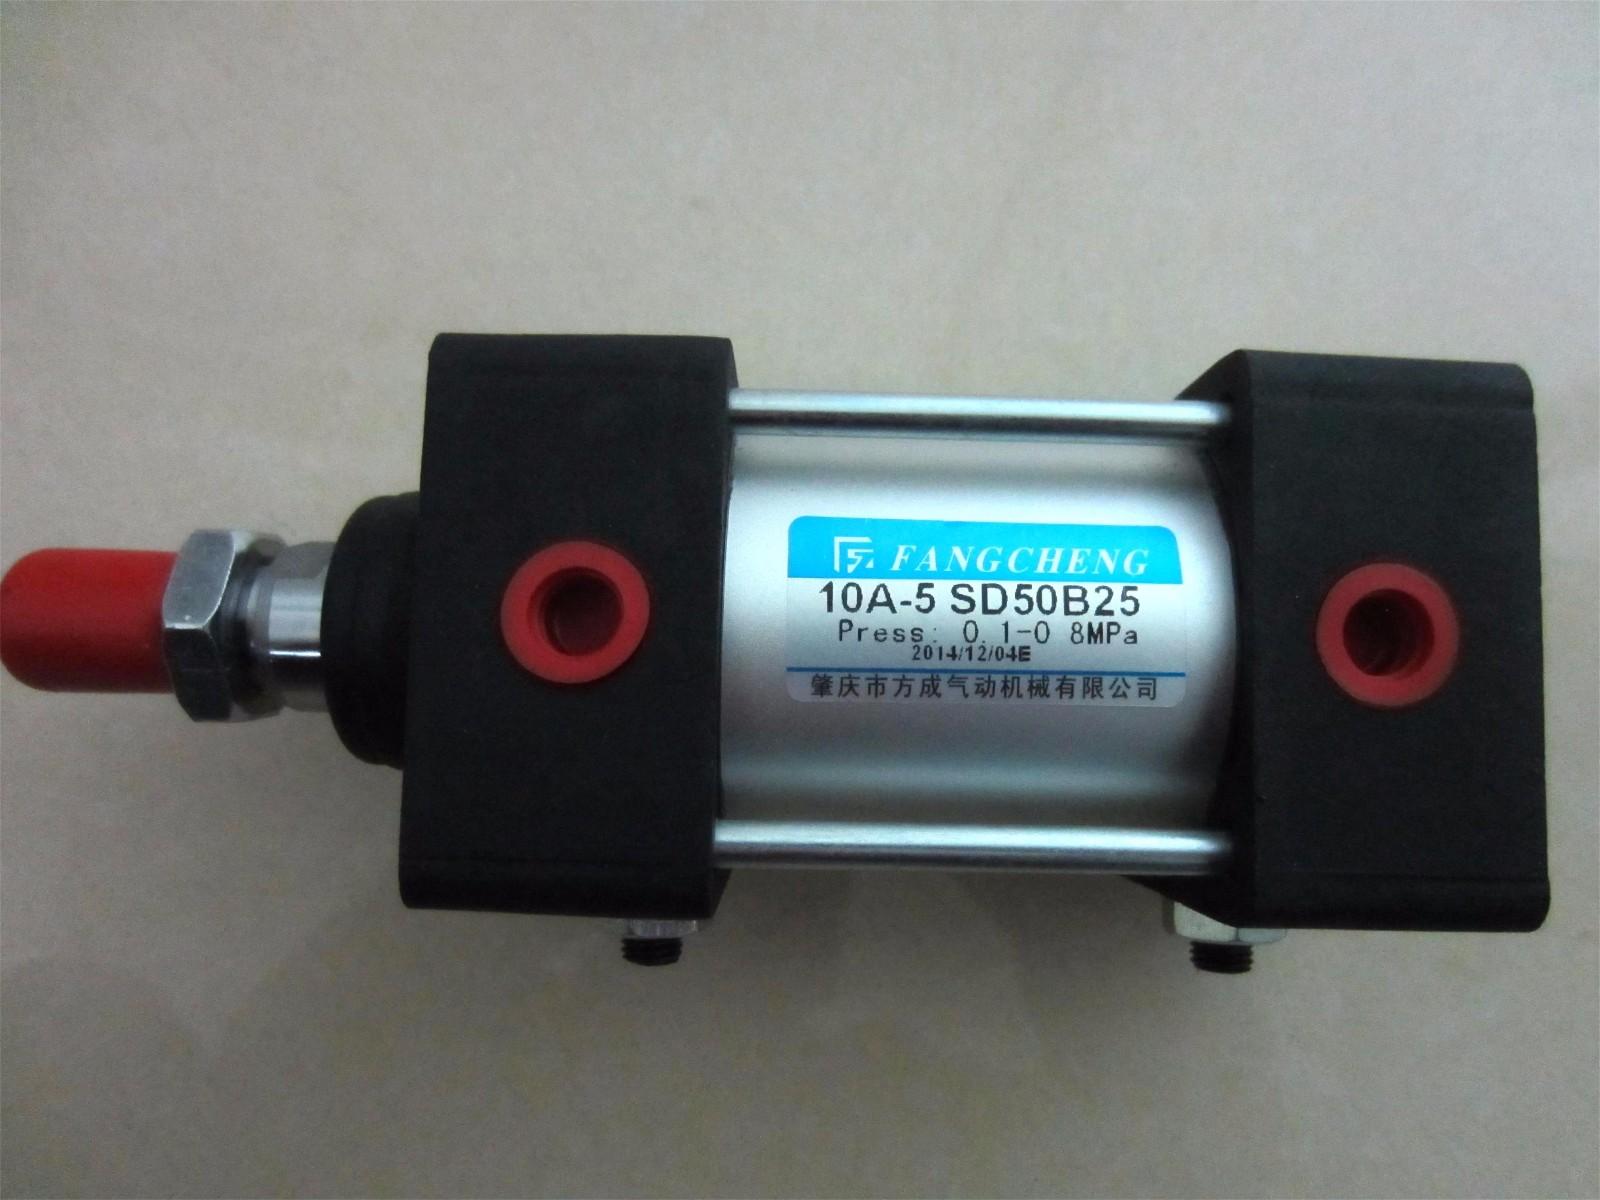 10A-5 SD50B25.jpg